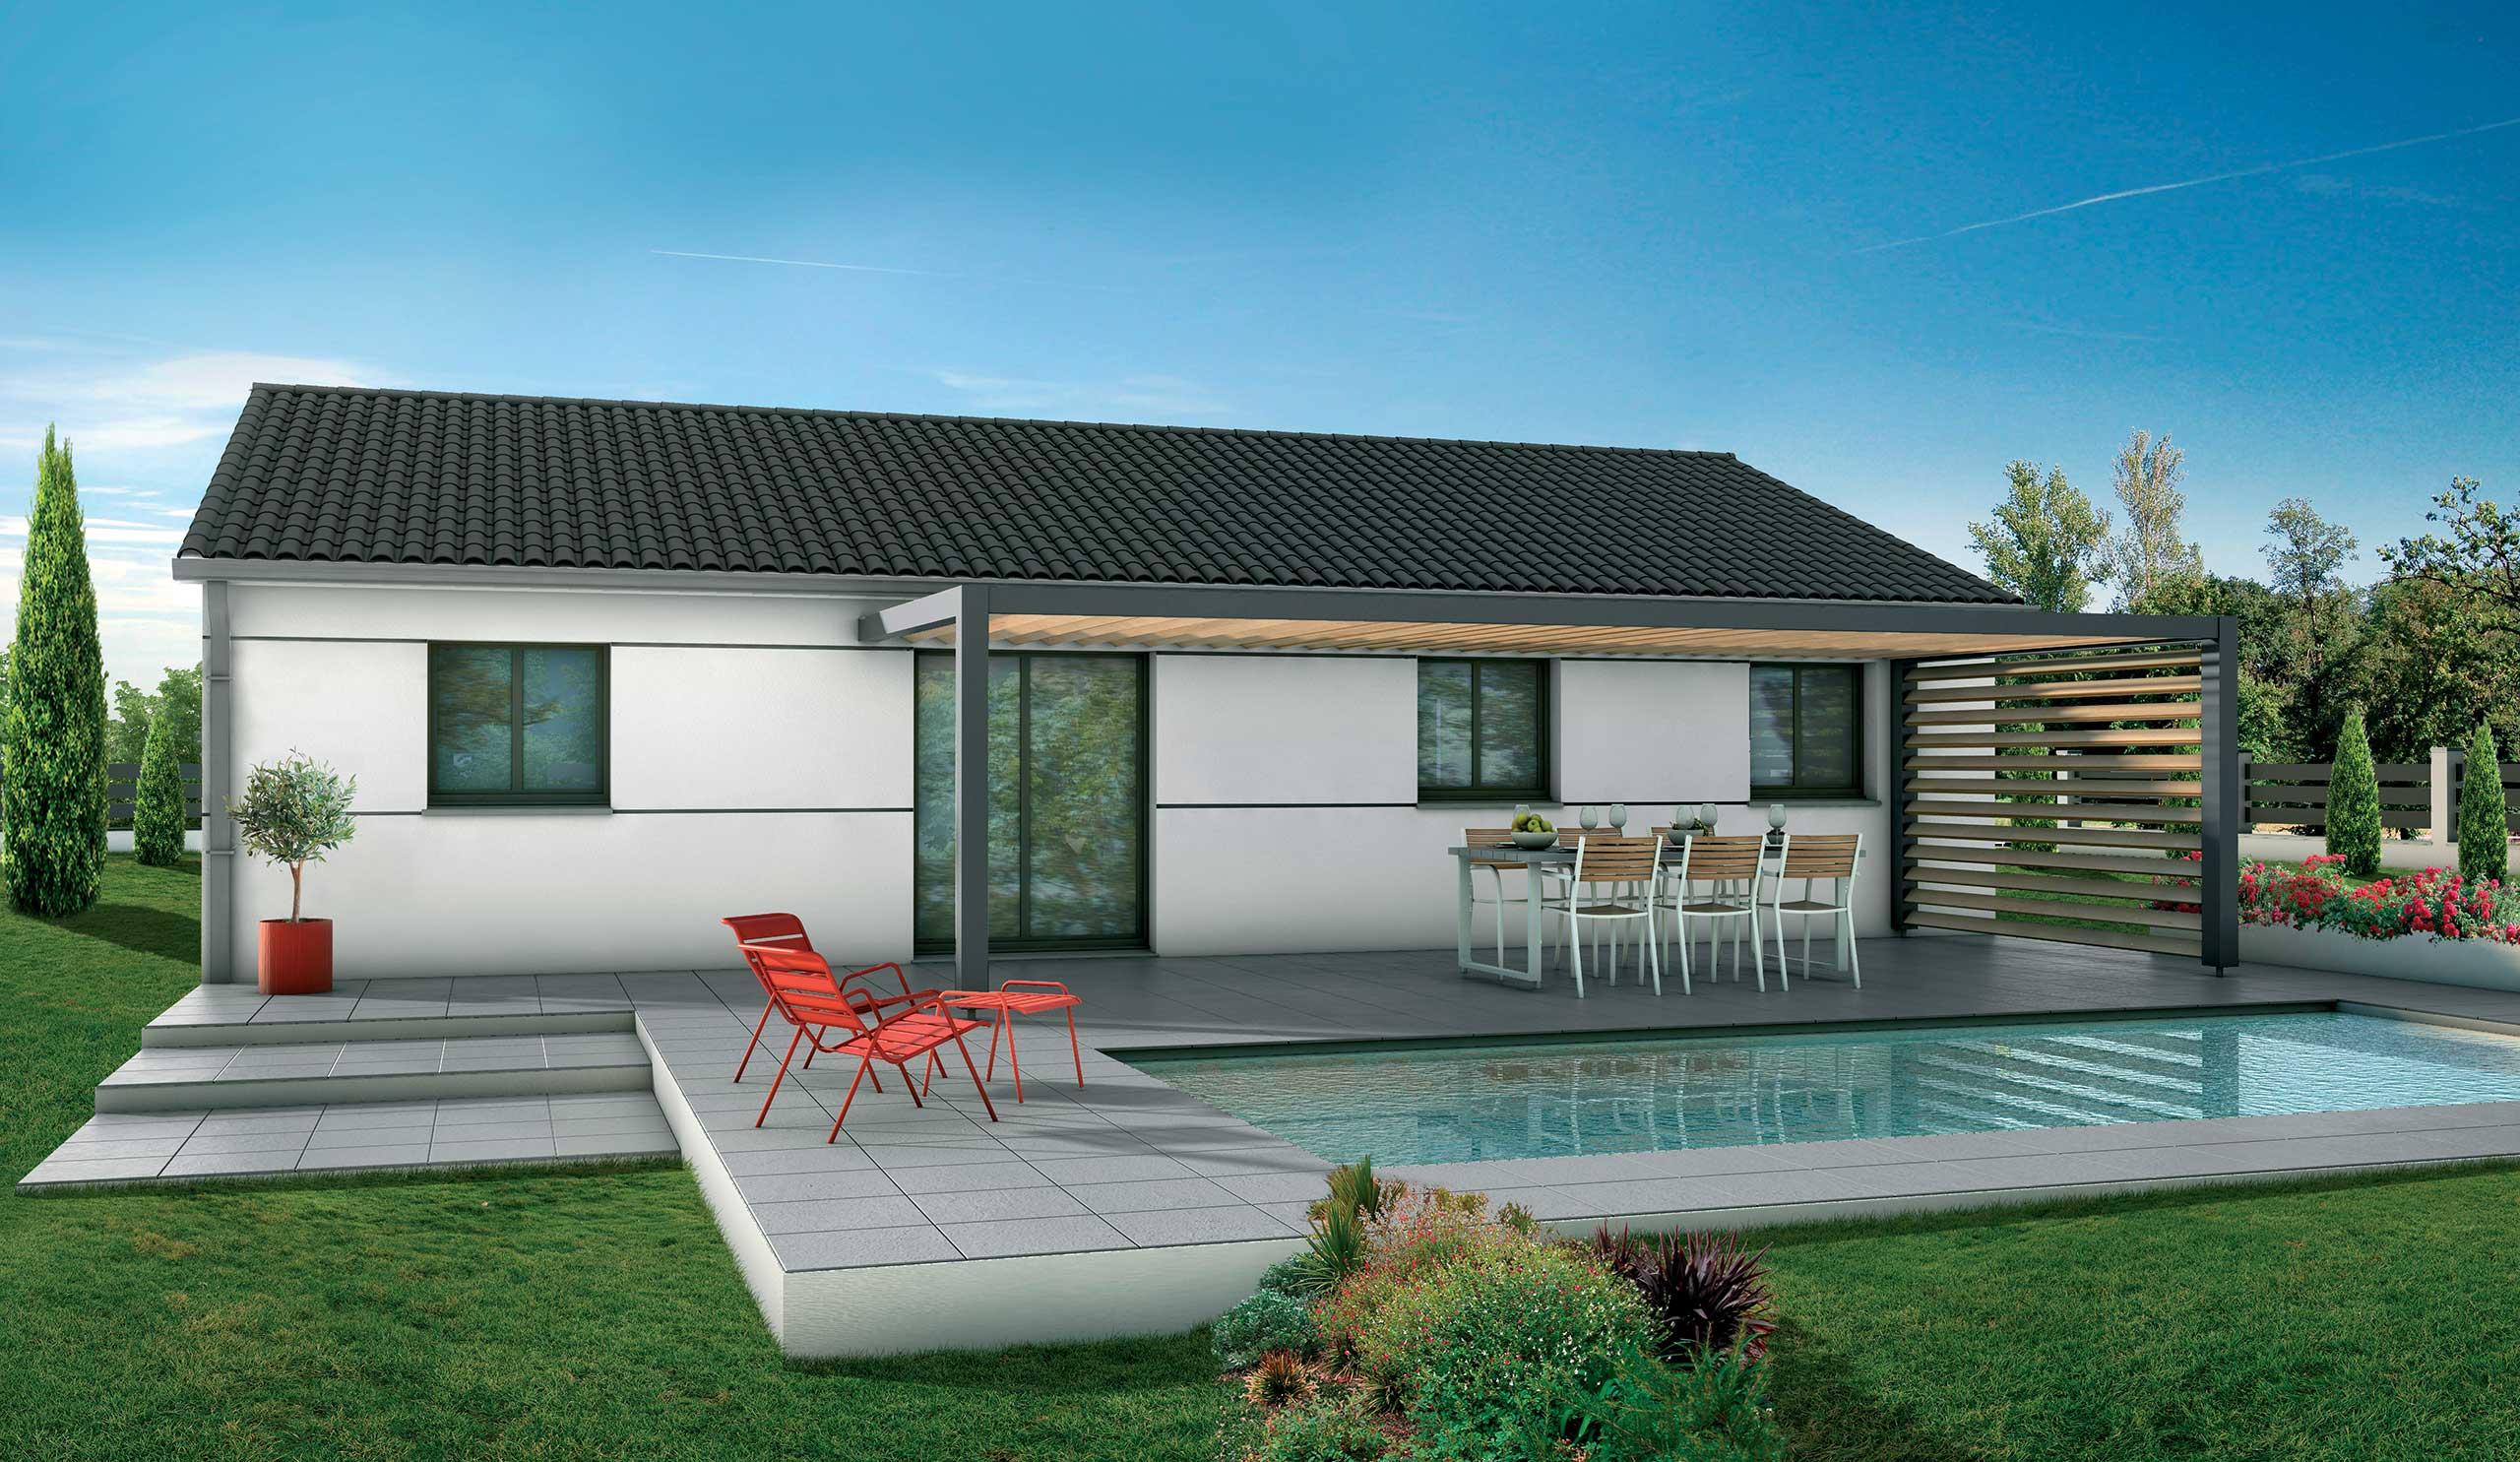 maison modèle de maison magnolia : des lignes épurées et résolument modernes